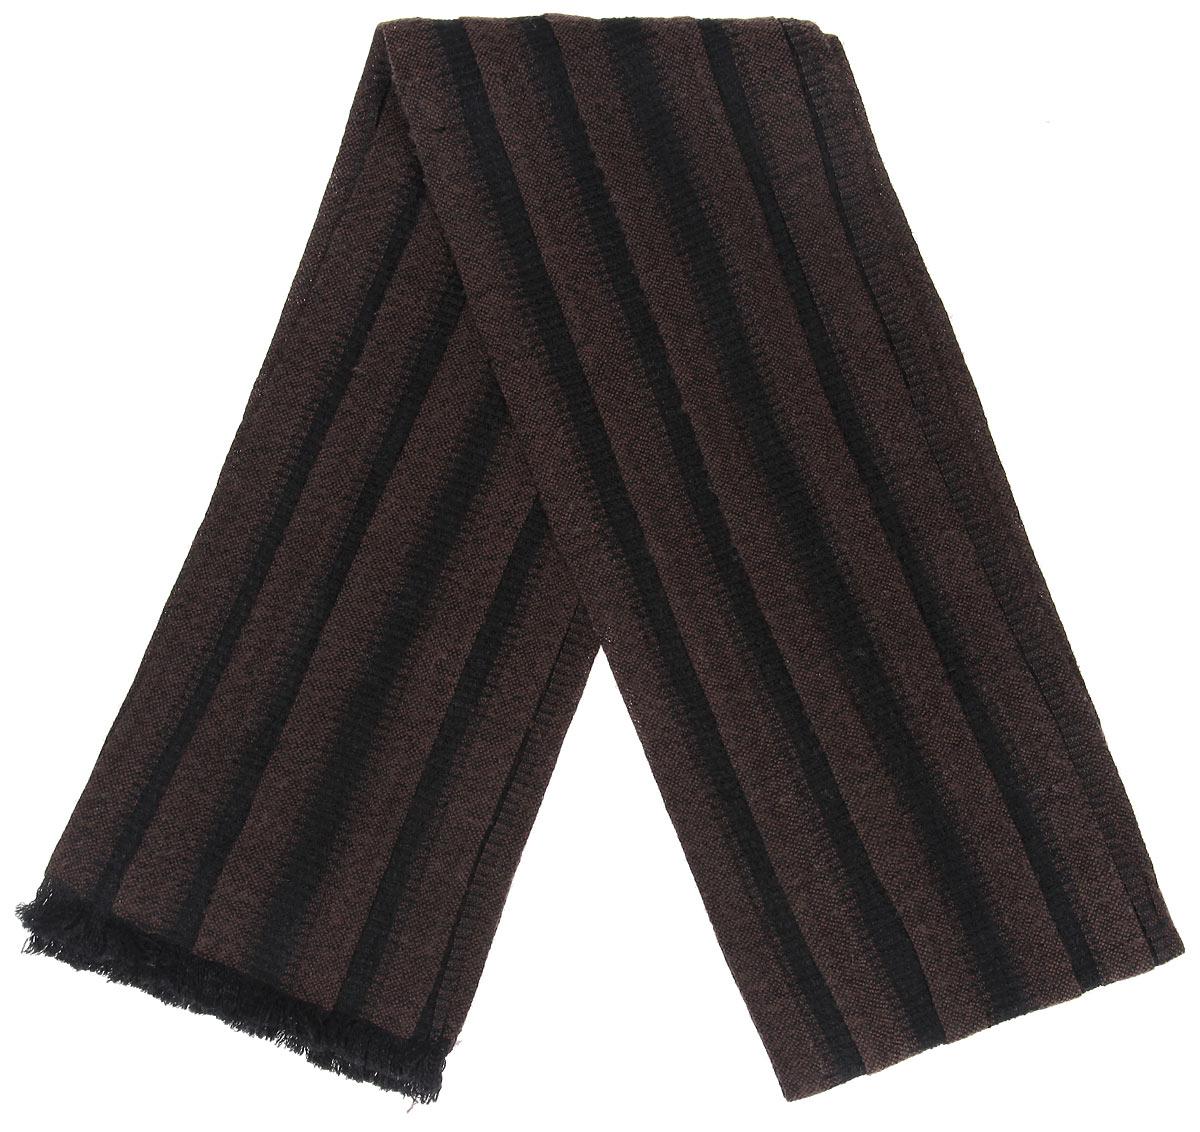 Шарф00050Элегантный мужской шарф Flioraj согреет вас в холодное время года, а также станет изысканным аксессуаром, который призван подчеркнуть ваш стиль и индивидуальность. Теплый, мягкий, приятный на ощупь шарф не продувается и великолепно сохраняет тепло. Оригинальный и стильный шарф выполнен из высококачественной мериносовой шерсти с добавлением лайкры, оформлен узкими полосками и украшен тонкой бахромой по краям. Такой шарф станет превосходным дополнением к любому наряду, защитит вас от ветра и холода и позволит вам создать свой неповторимый стиль